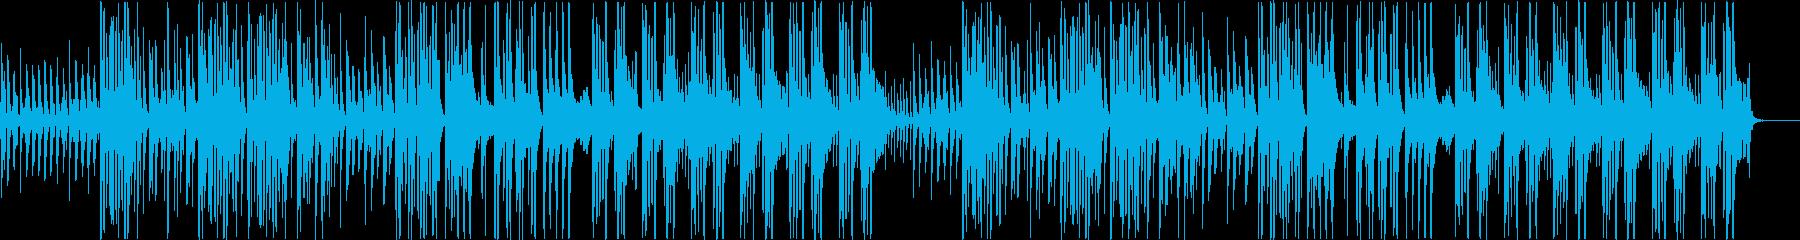 ふざけた調子のフルートBGMの再生済みの波形